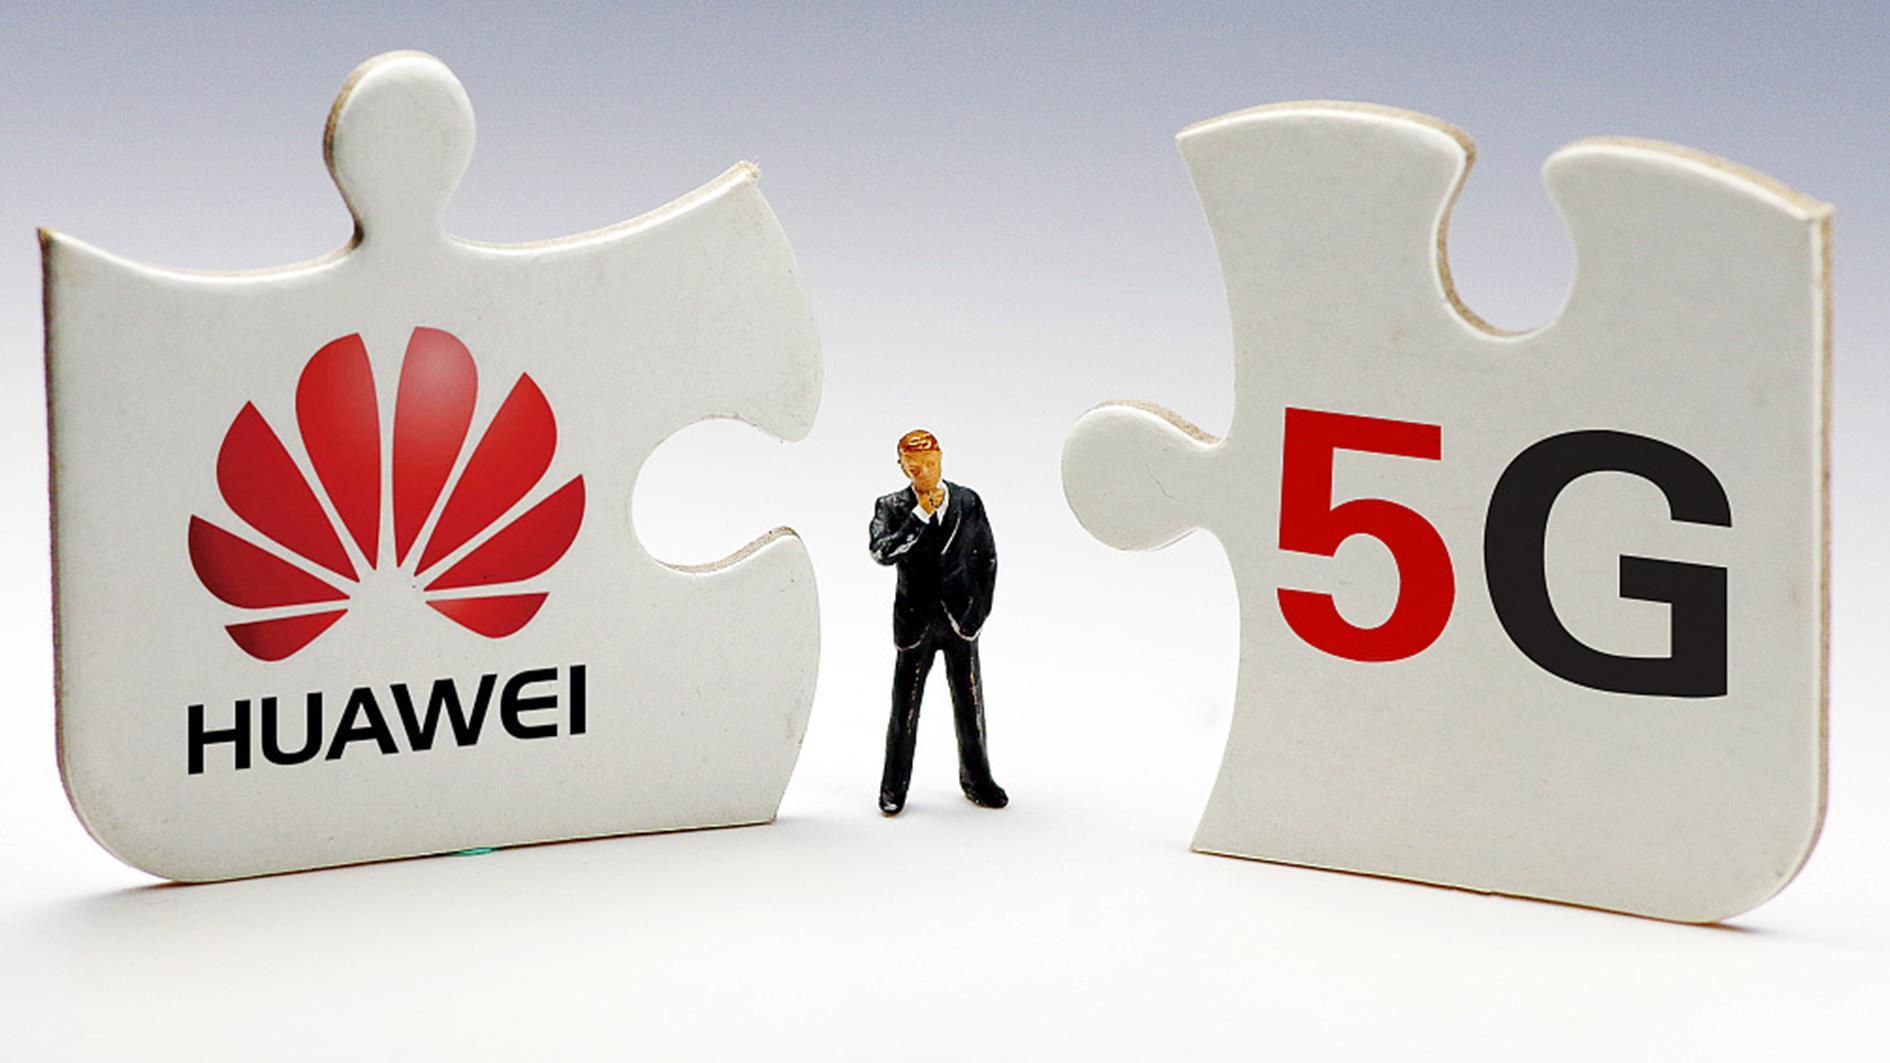 华为助力摩纳哥成欧洲首个完全覆盖5G网络国家